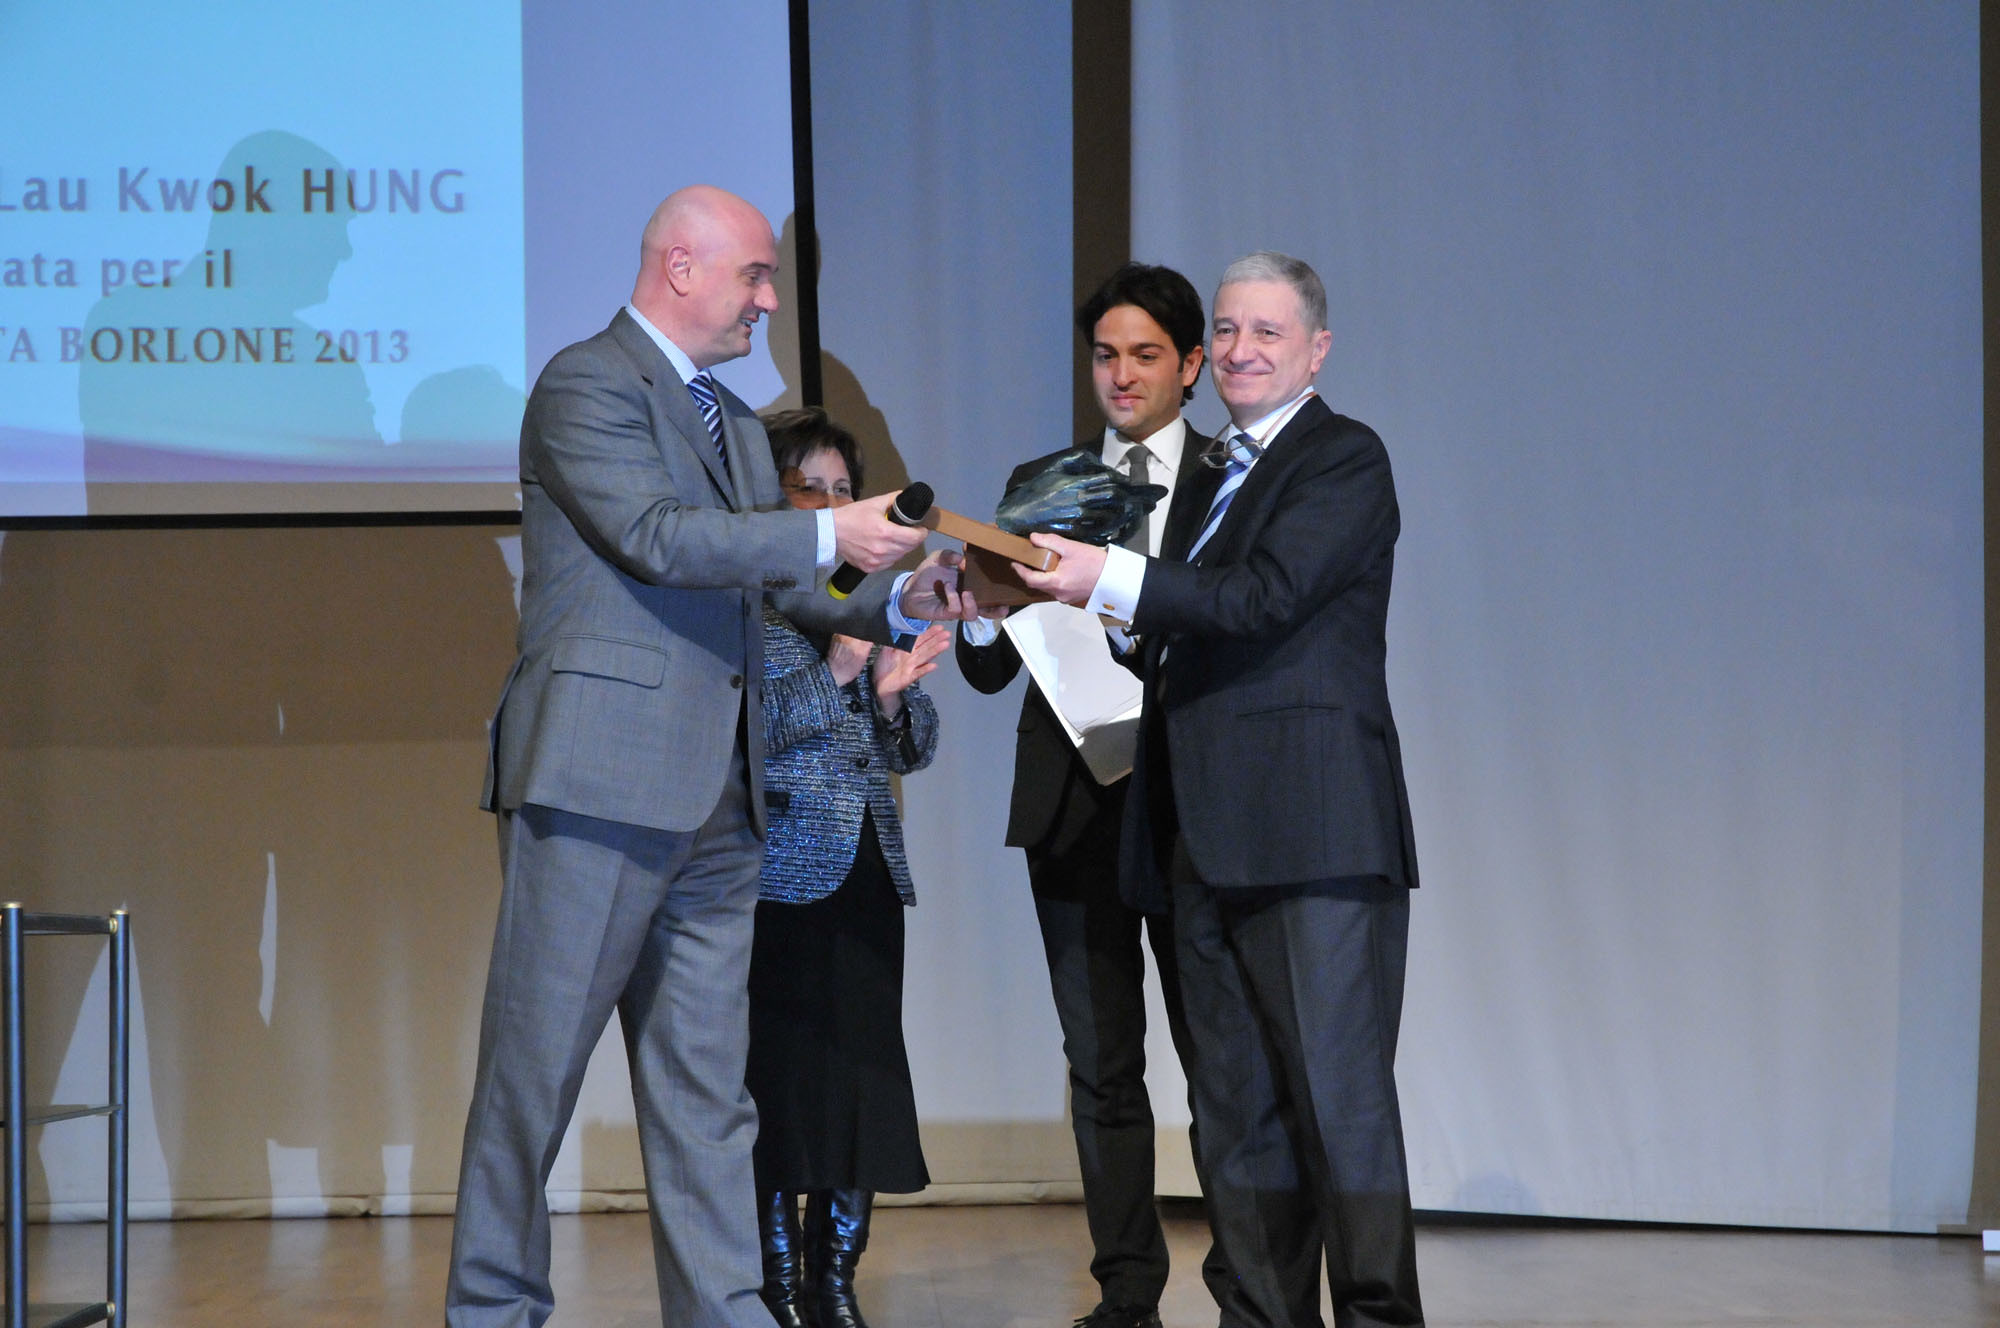 BEnvenuti ritira il premio Borlone